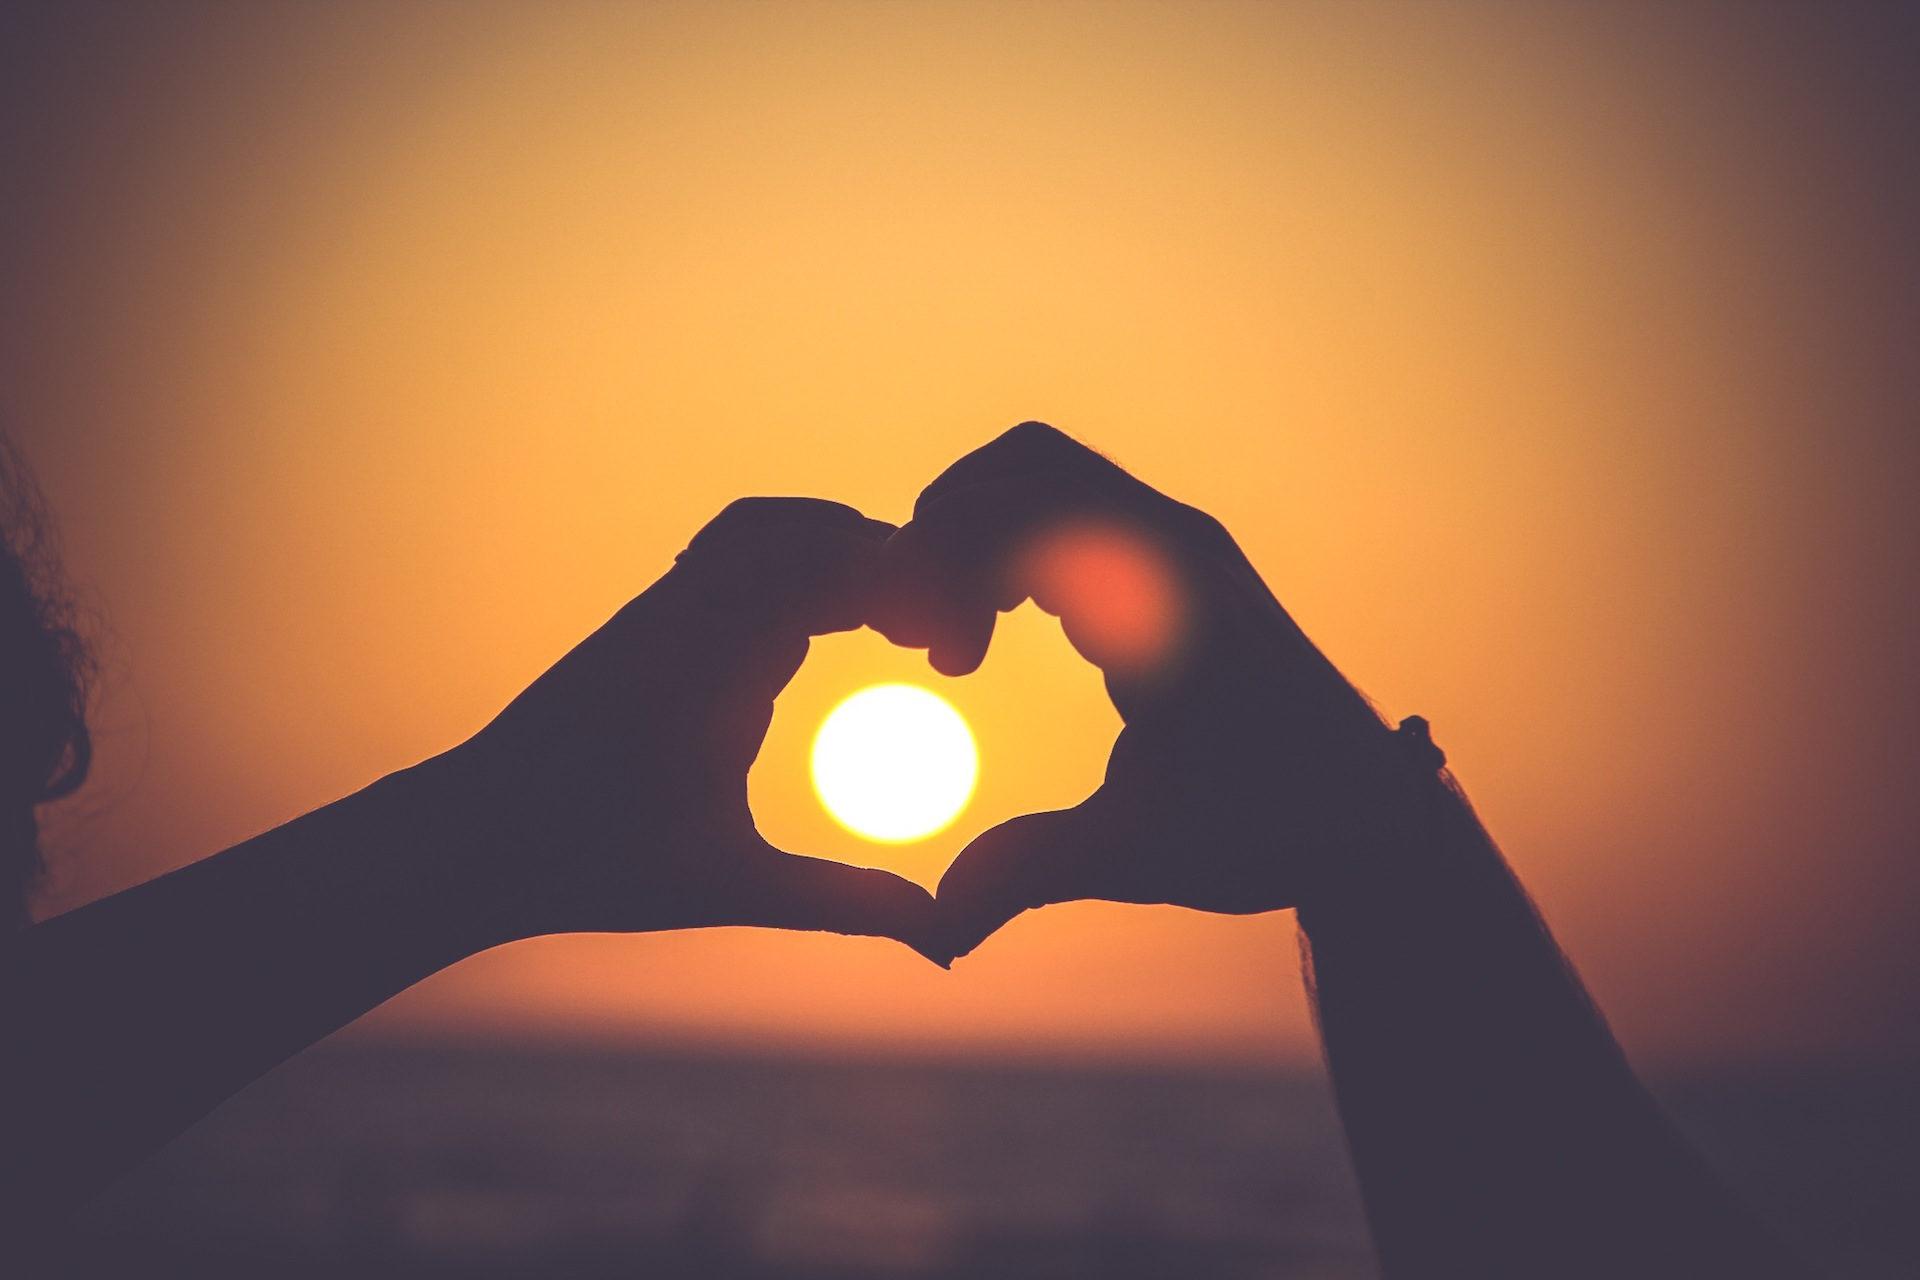 mani, Forme, cuore, Sole, Tramonto - Sfondi HD - Professor-falken.com